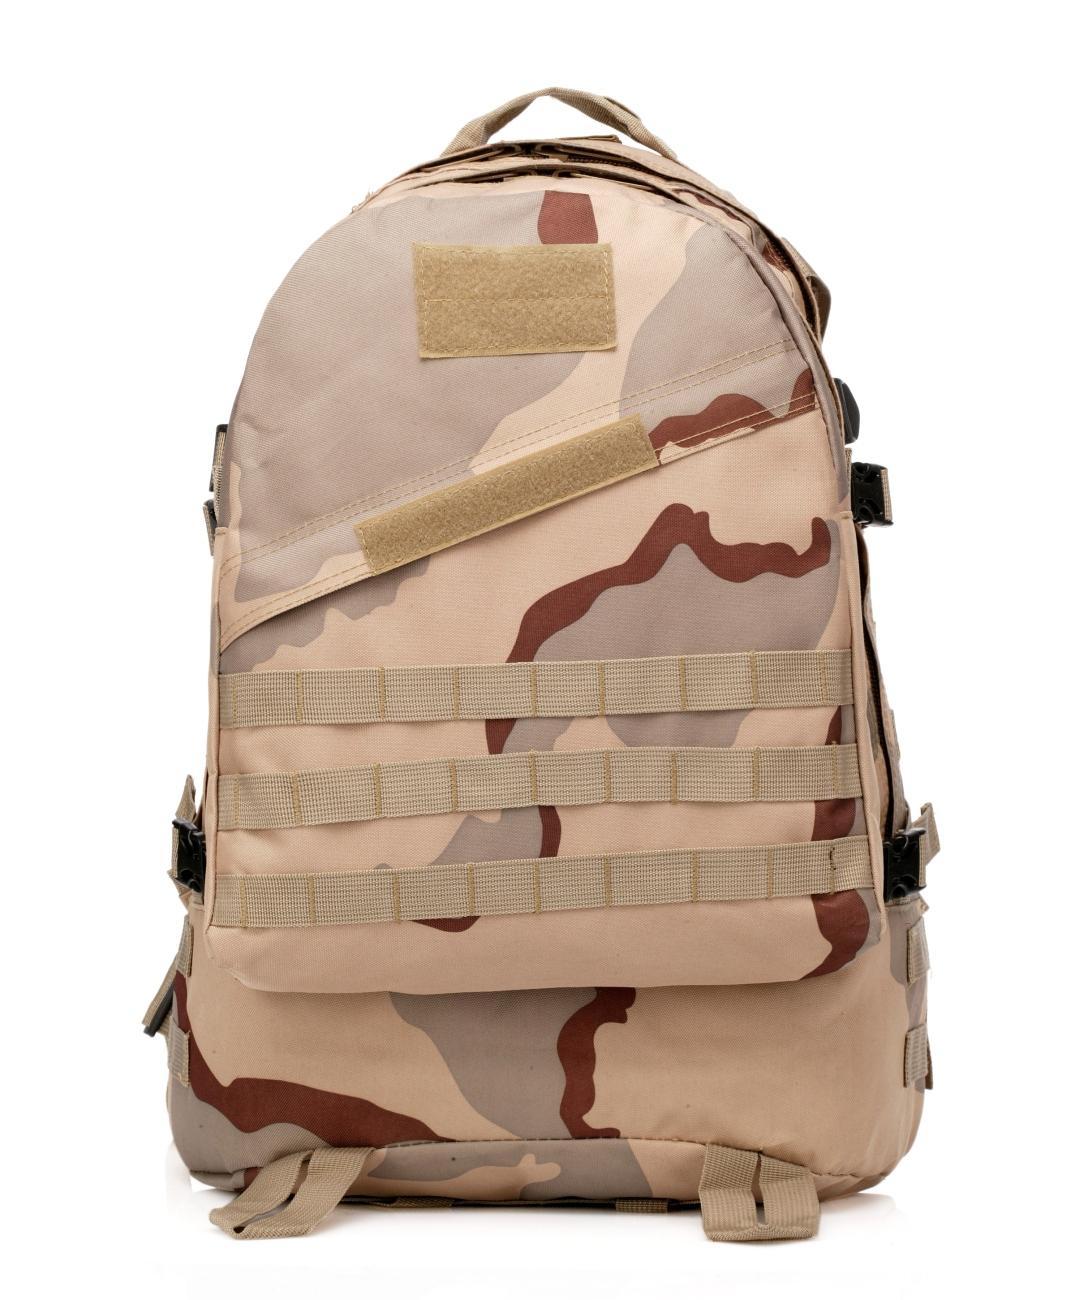 Камуфляжный тактический штурмовой рюкзак недорого